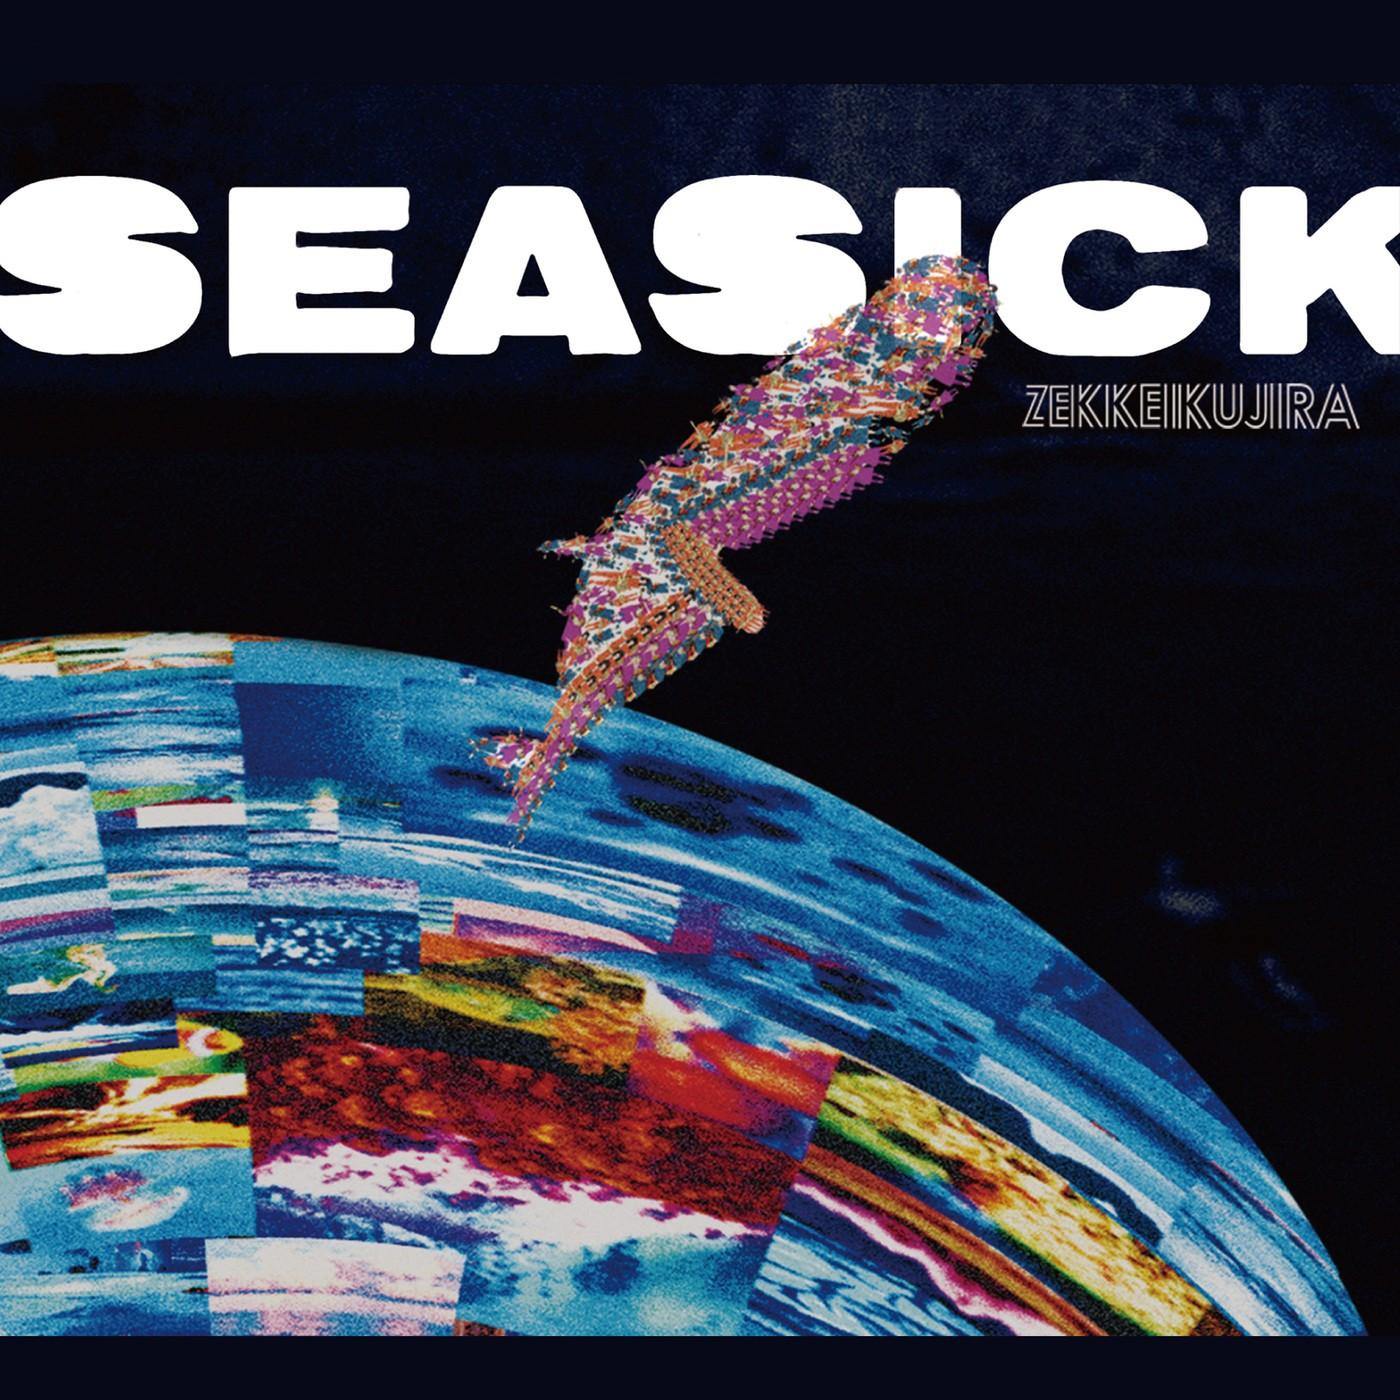 絶景クジラ (Zekkei Kujira) – Seasick [FLAC + MP3 320 / CD] [2018.06.27]